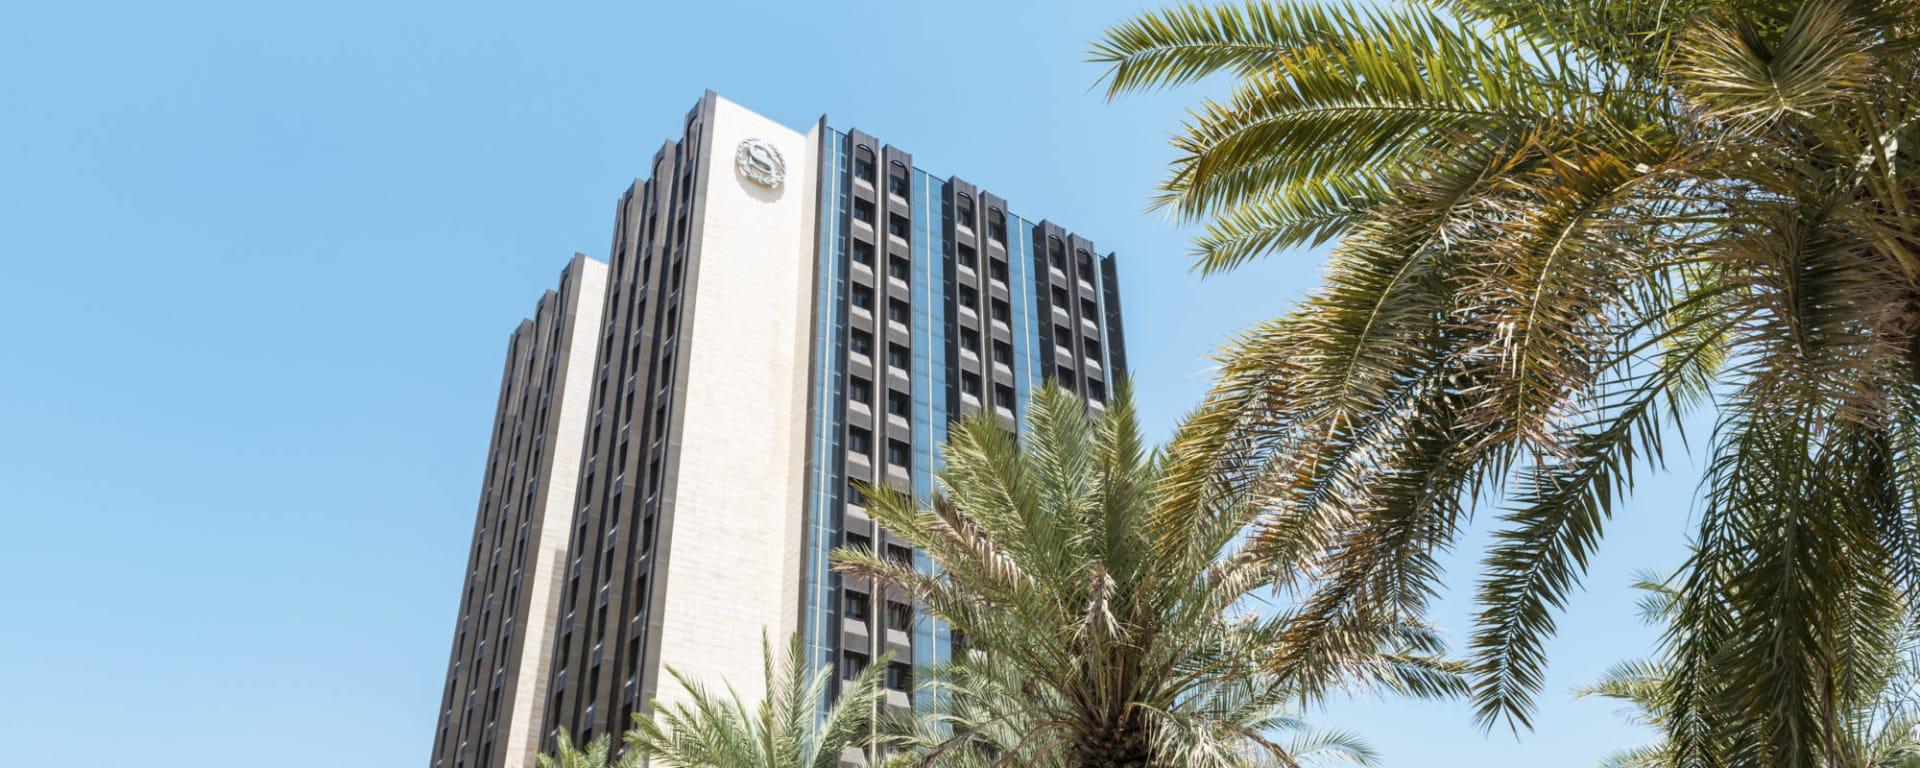 Sheraton Oman in Muscat: Muscat Sheraton Oman Aussenansicht